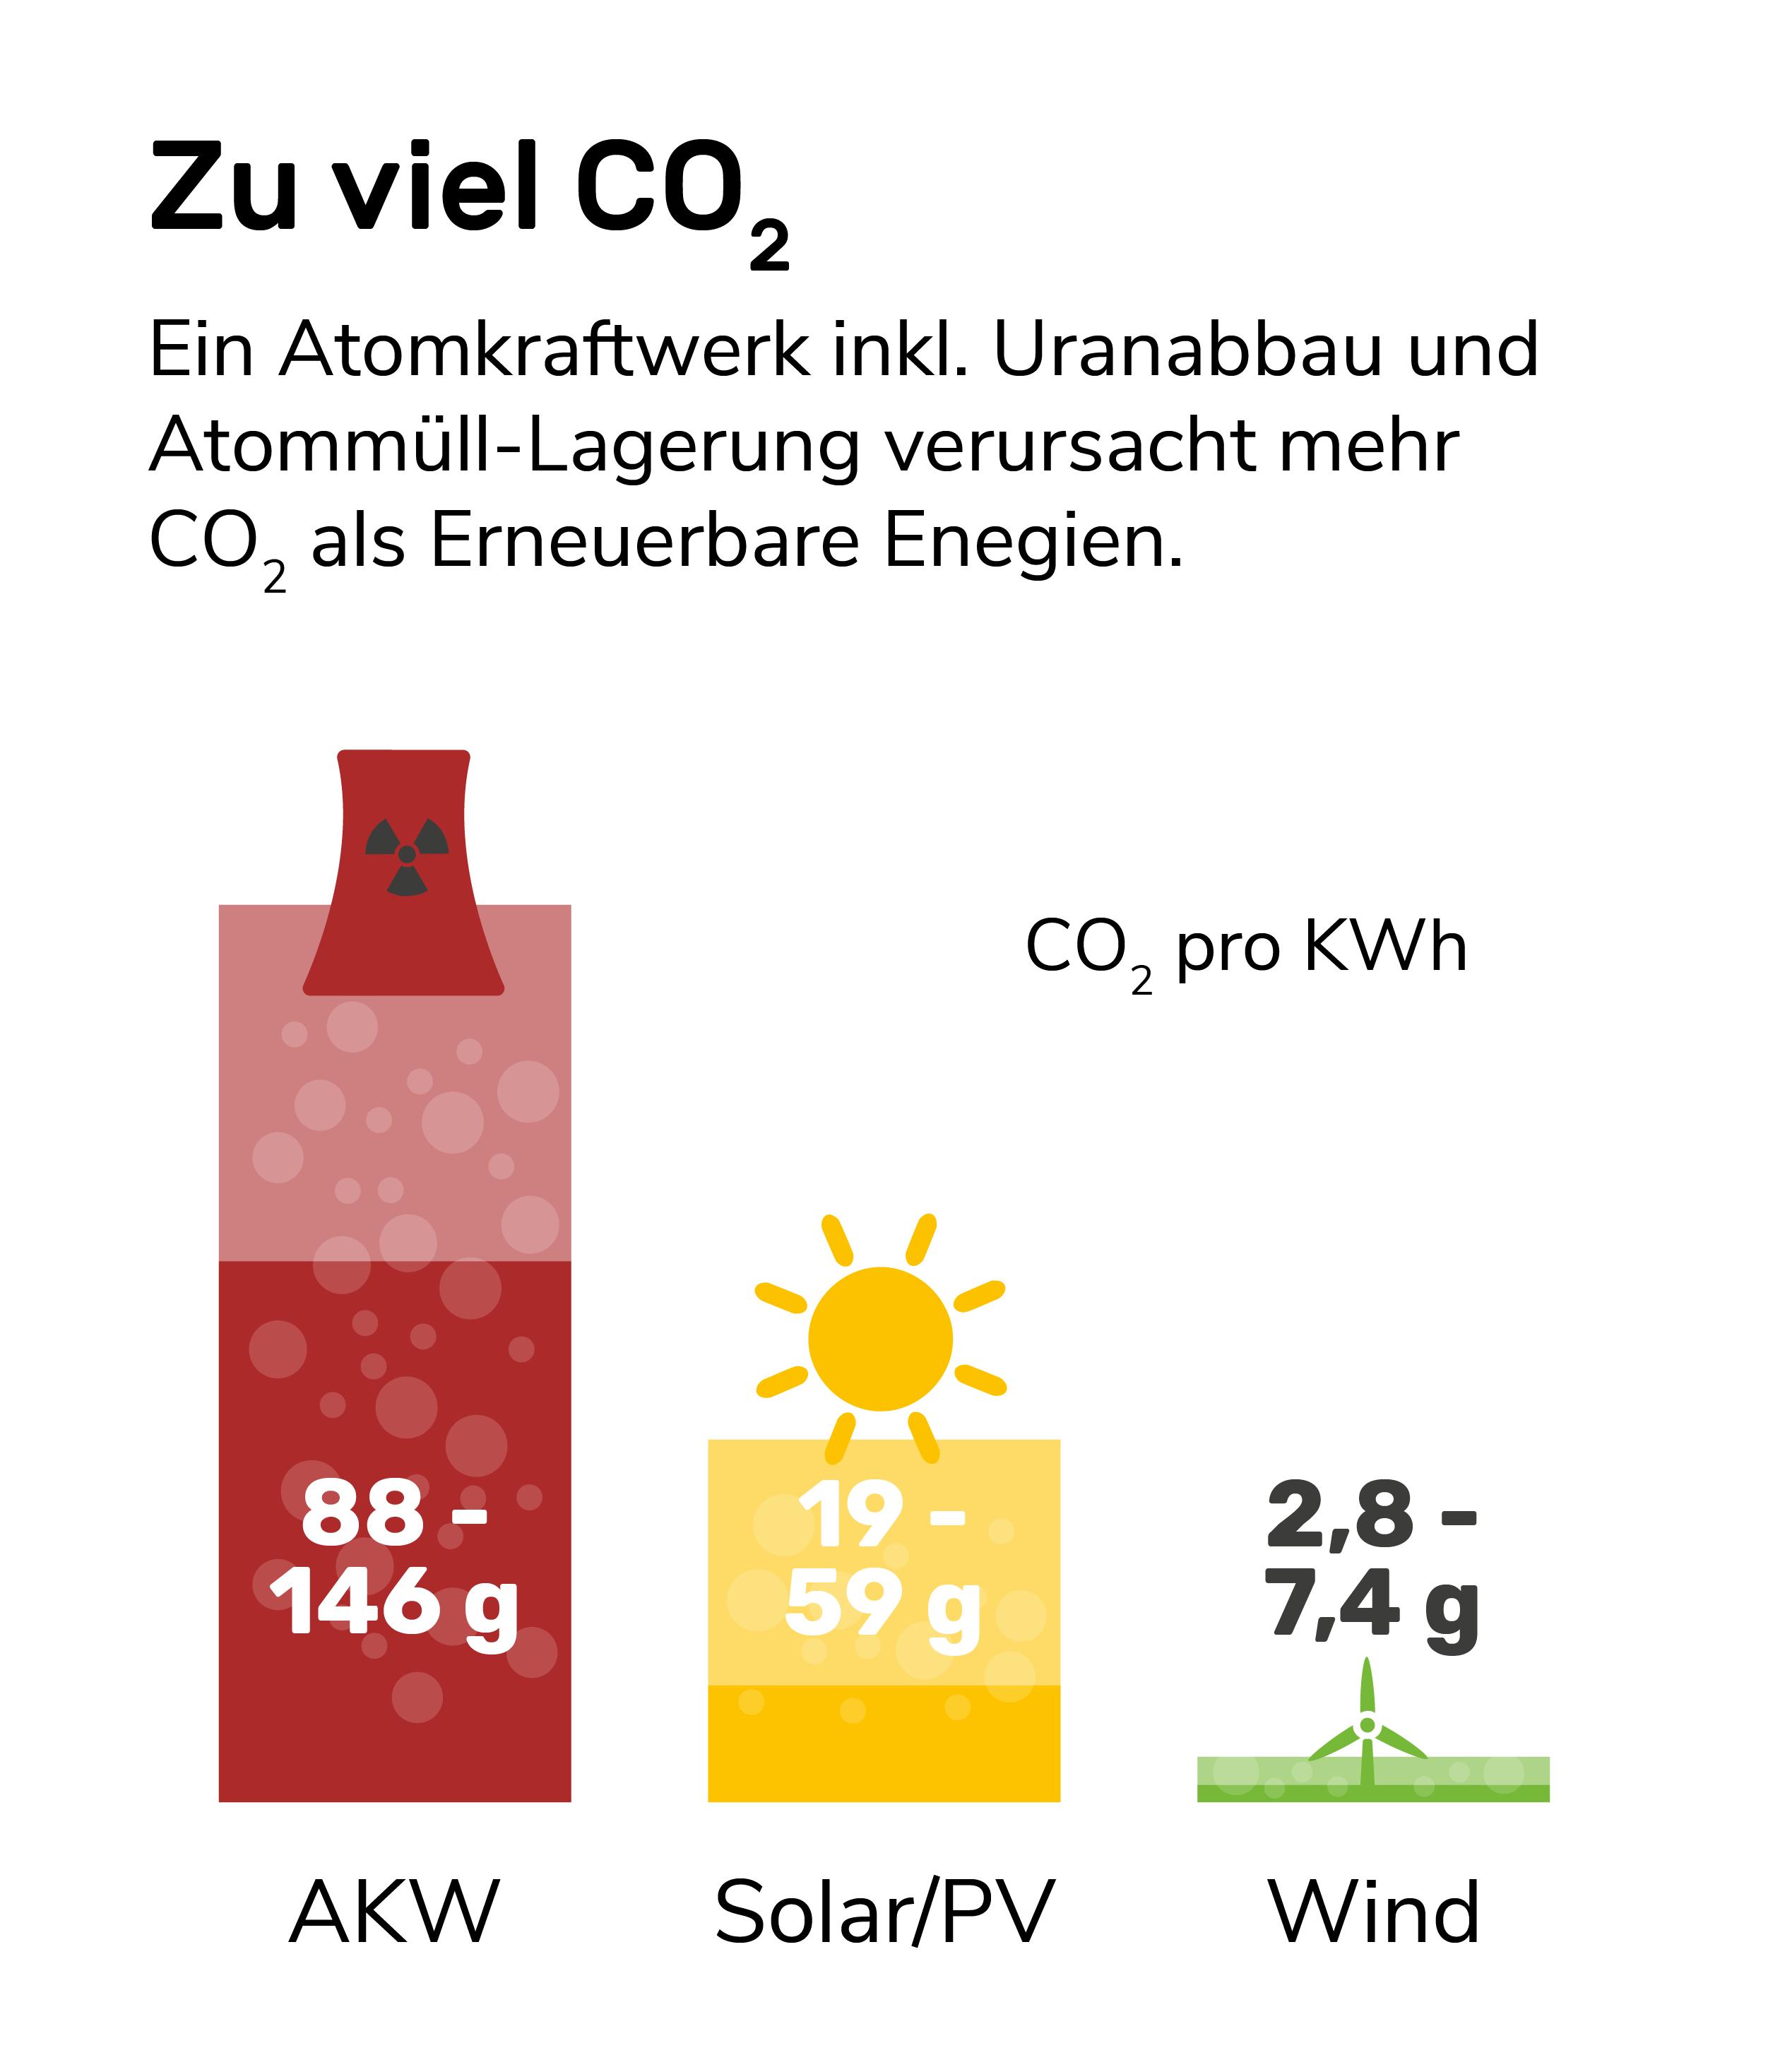 Infografik: Atomkraft in keine Klimaschutzmaßnahme weil sie mehr CO2 produzieren als Erneuerbare Energien